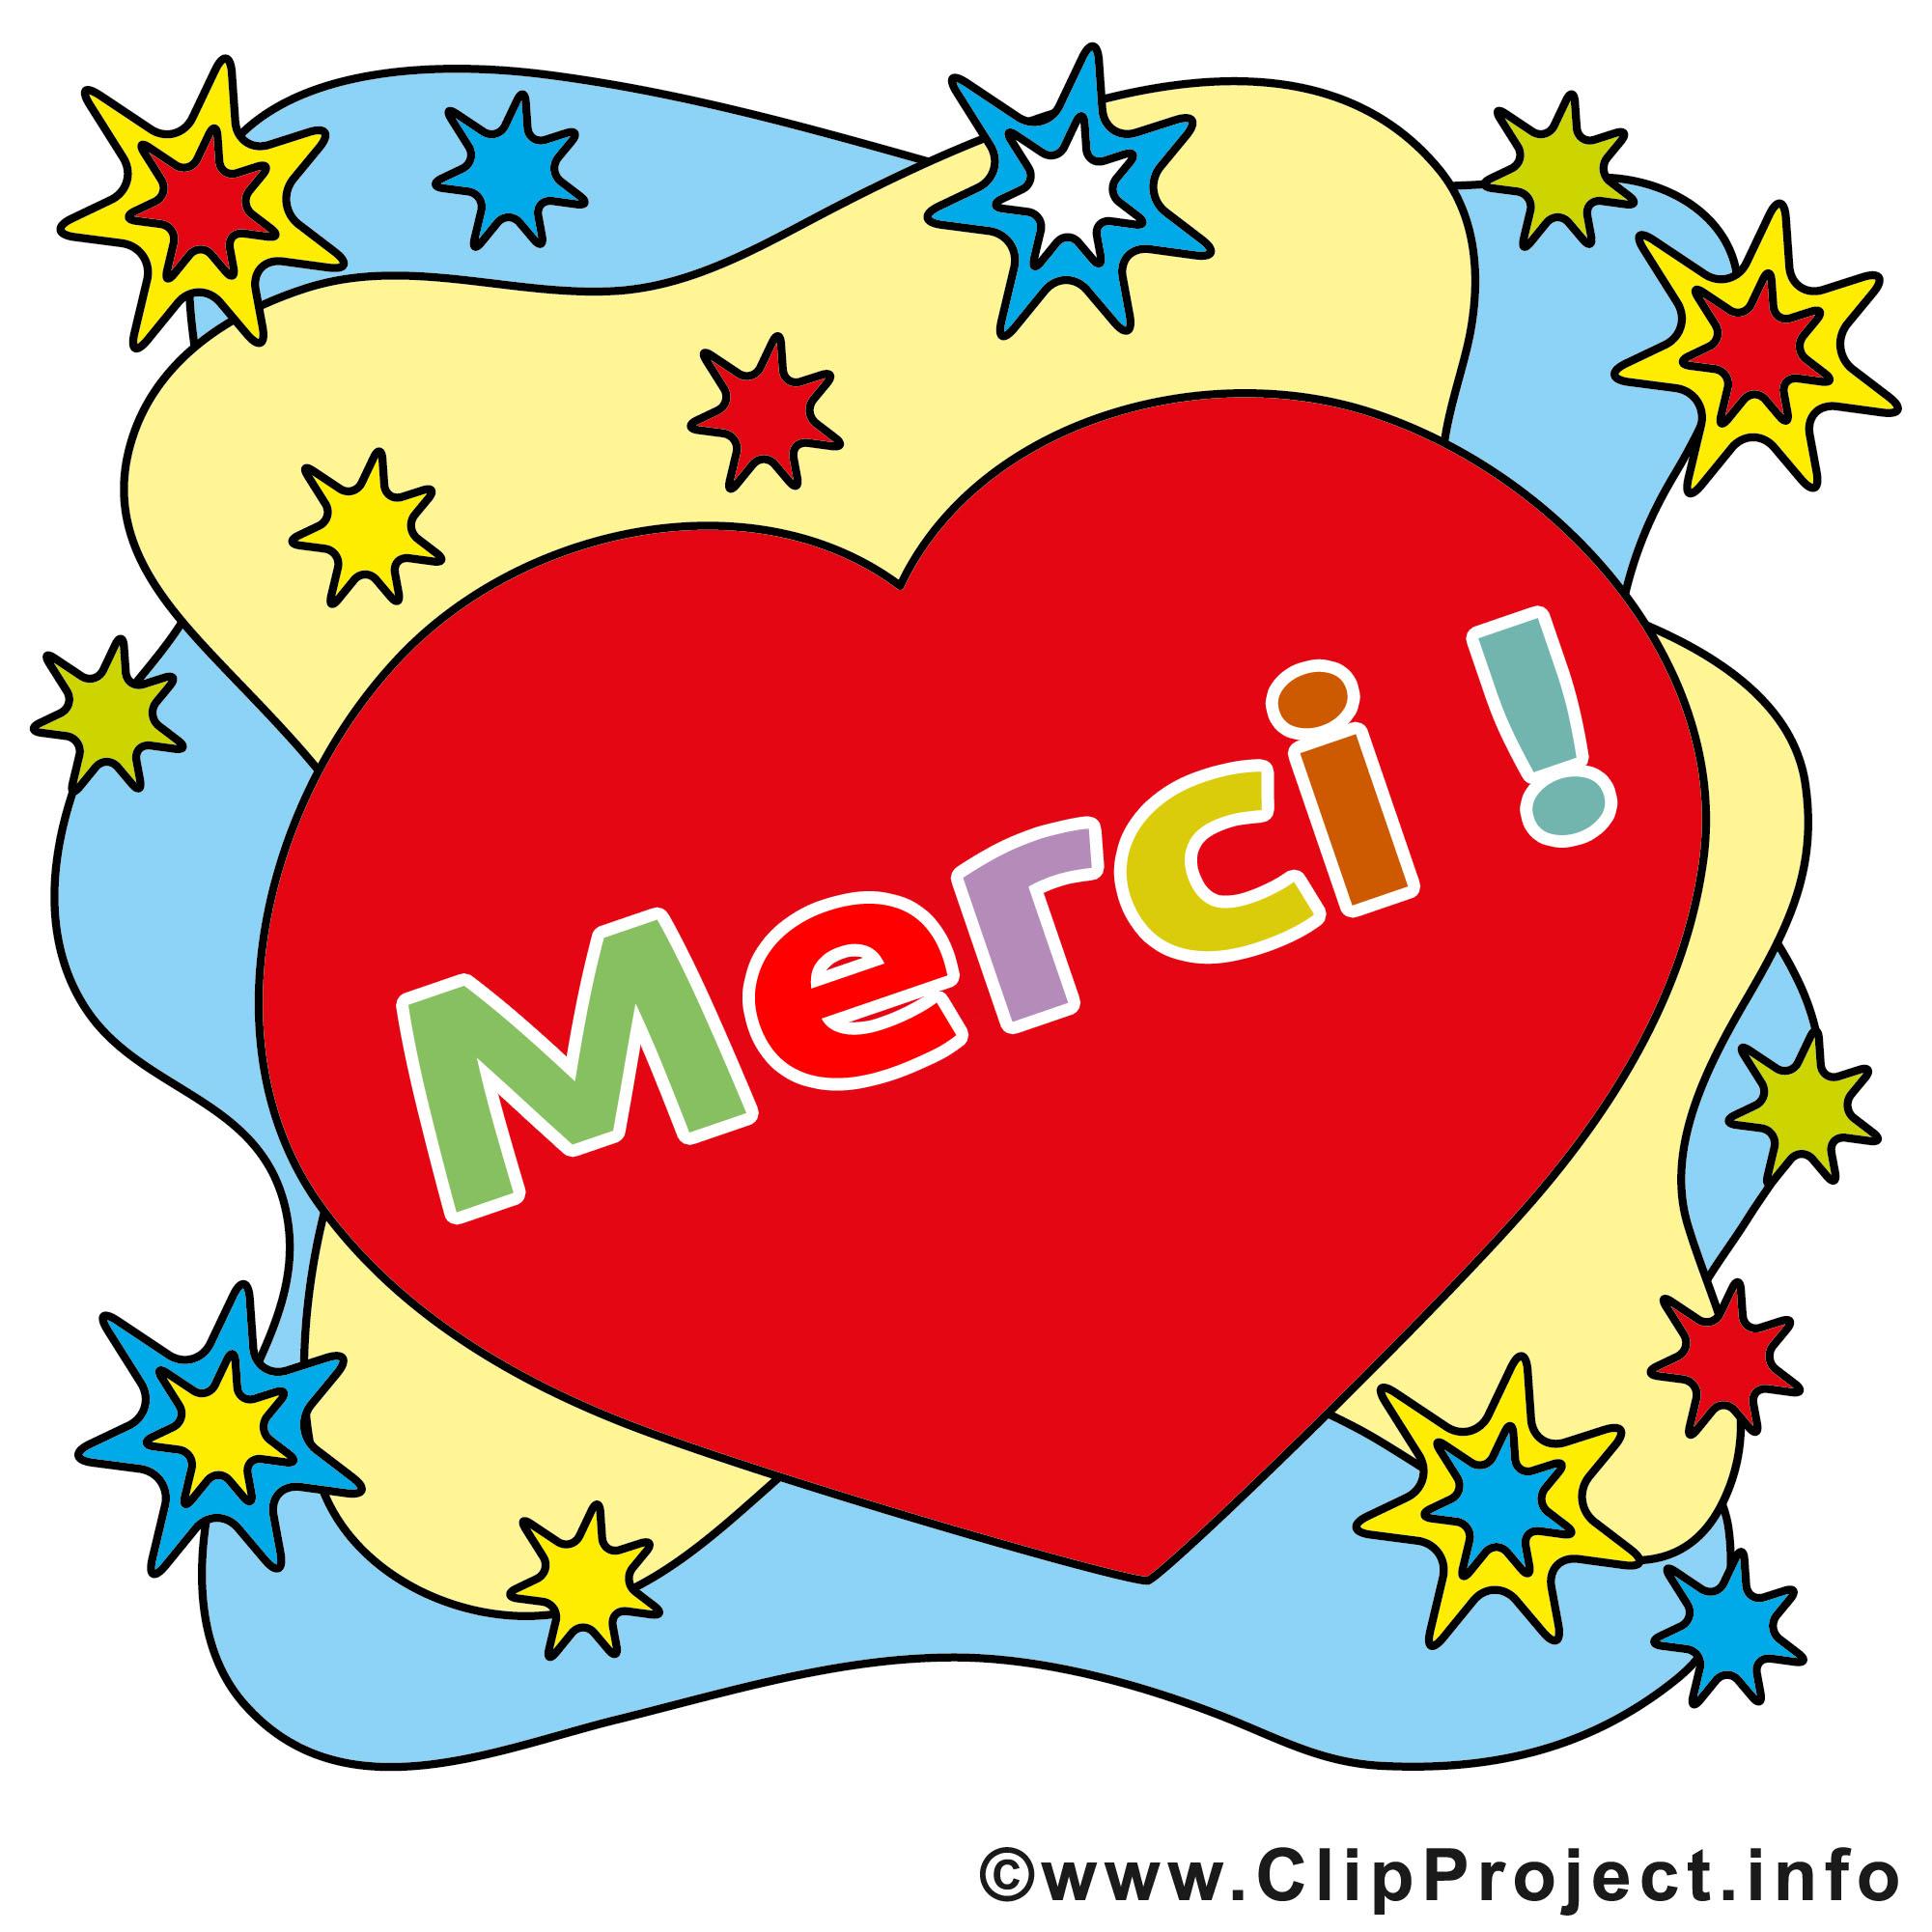 Coeur dessin gratuit merci image merci dessin picture image graphic clip art t l charger - Image coeur gratuit ...